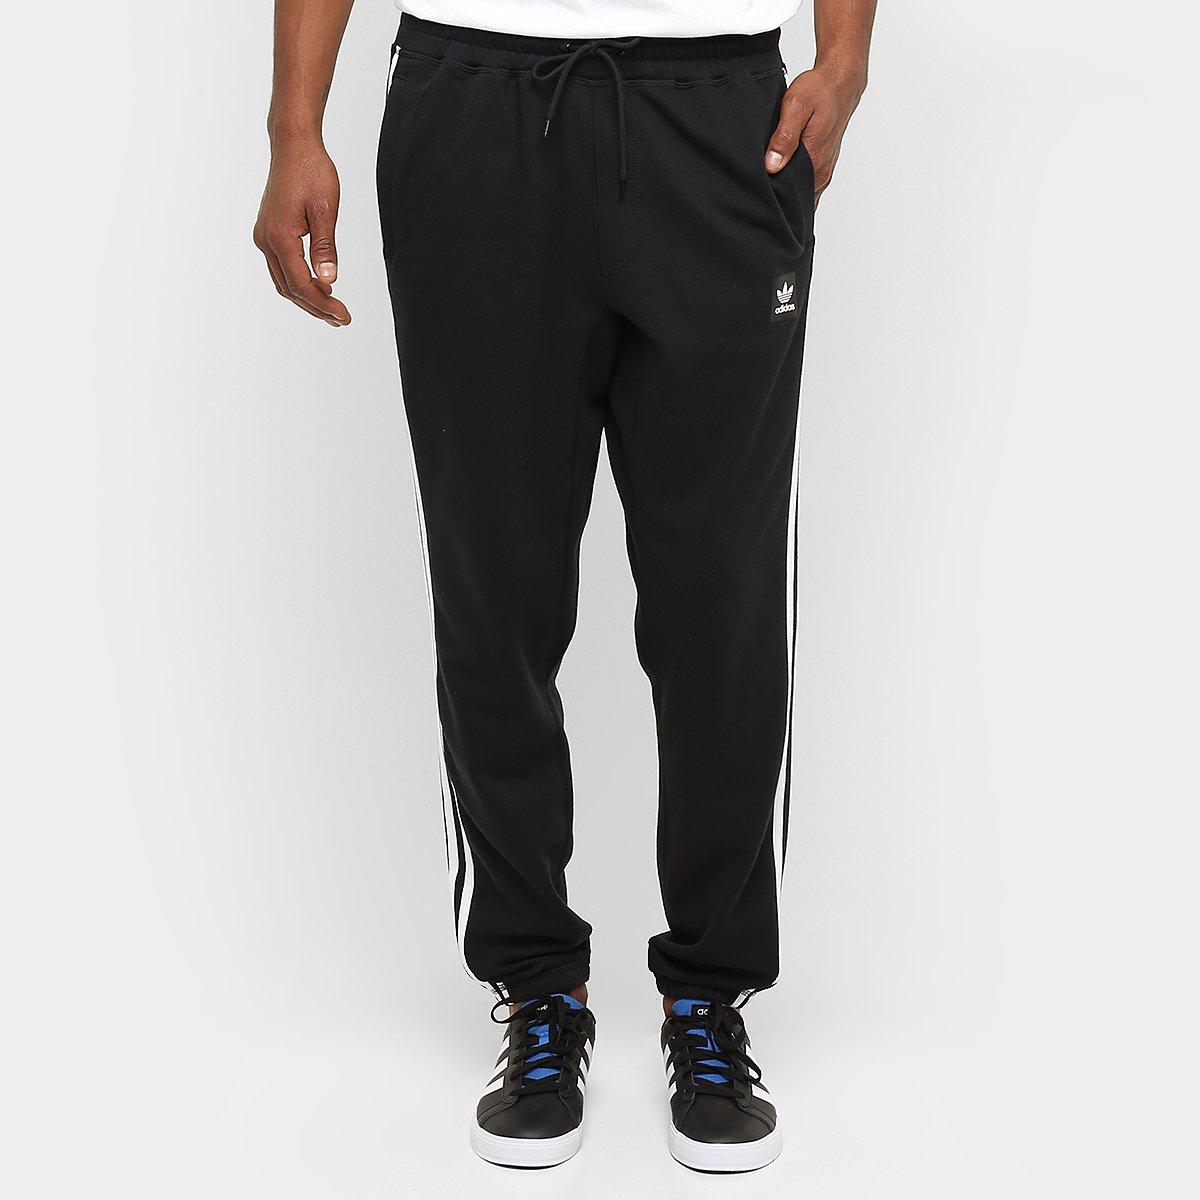 297cf3857 Calça Adidas Originals As Sweatpants - Compre Agora | Netshoes